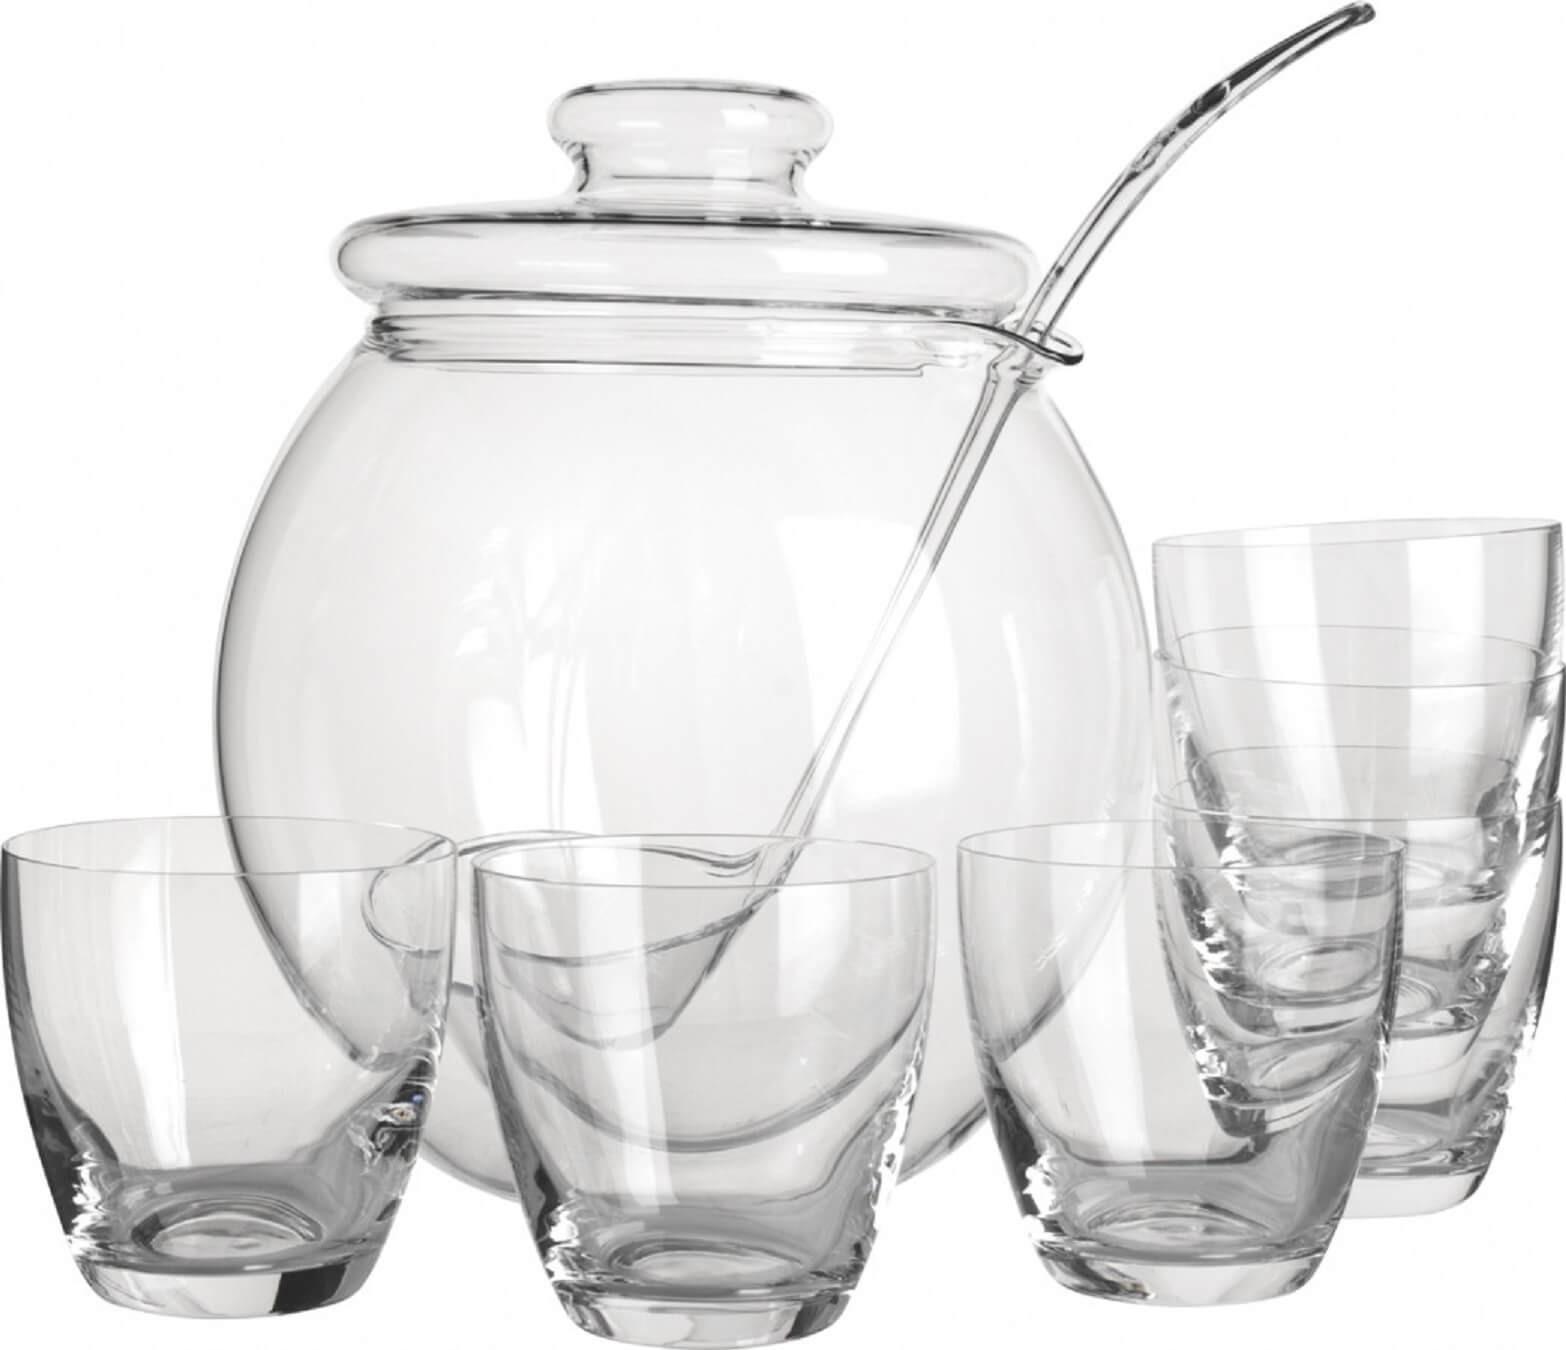 Punch-bowle-med-glas-og-opøse-ske-Mixmeister.dk